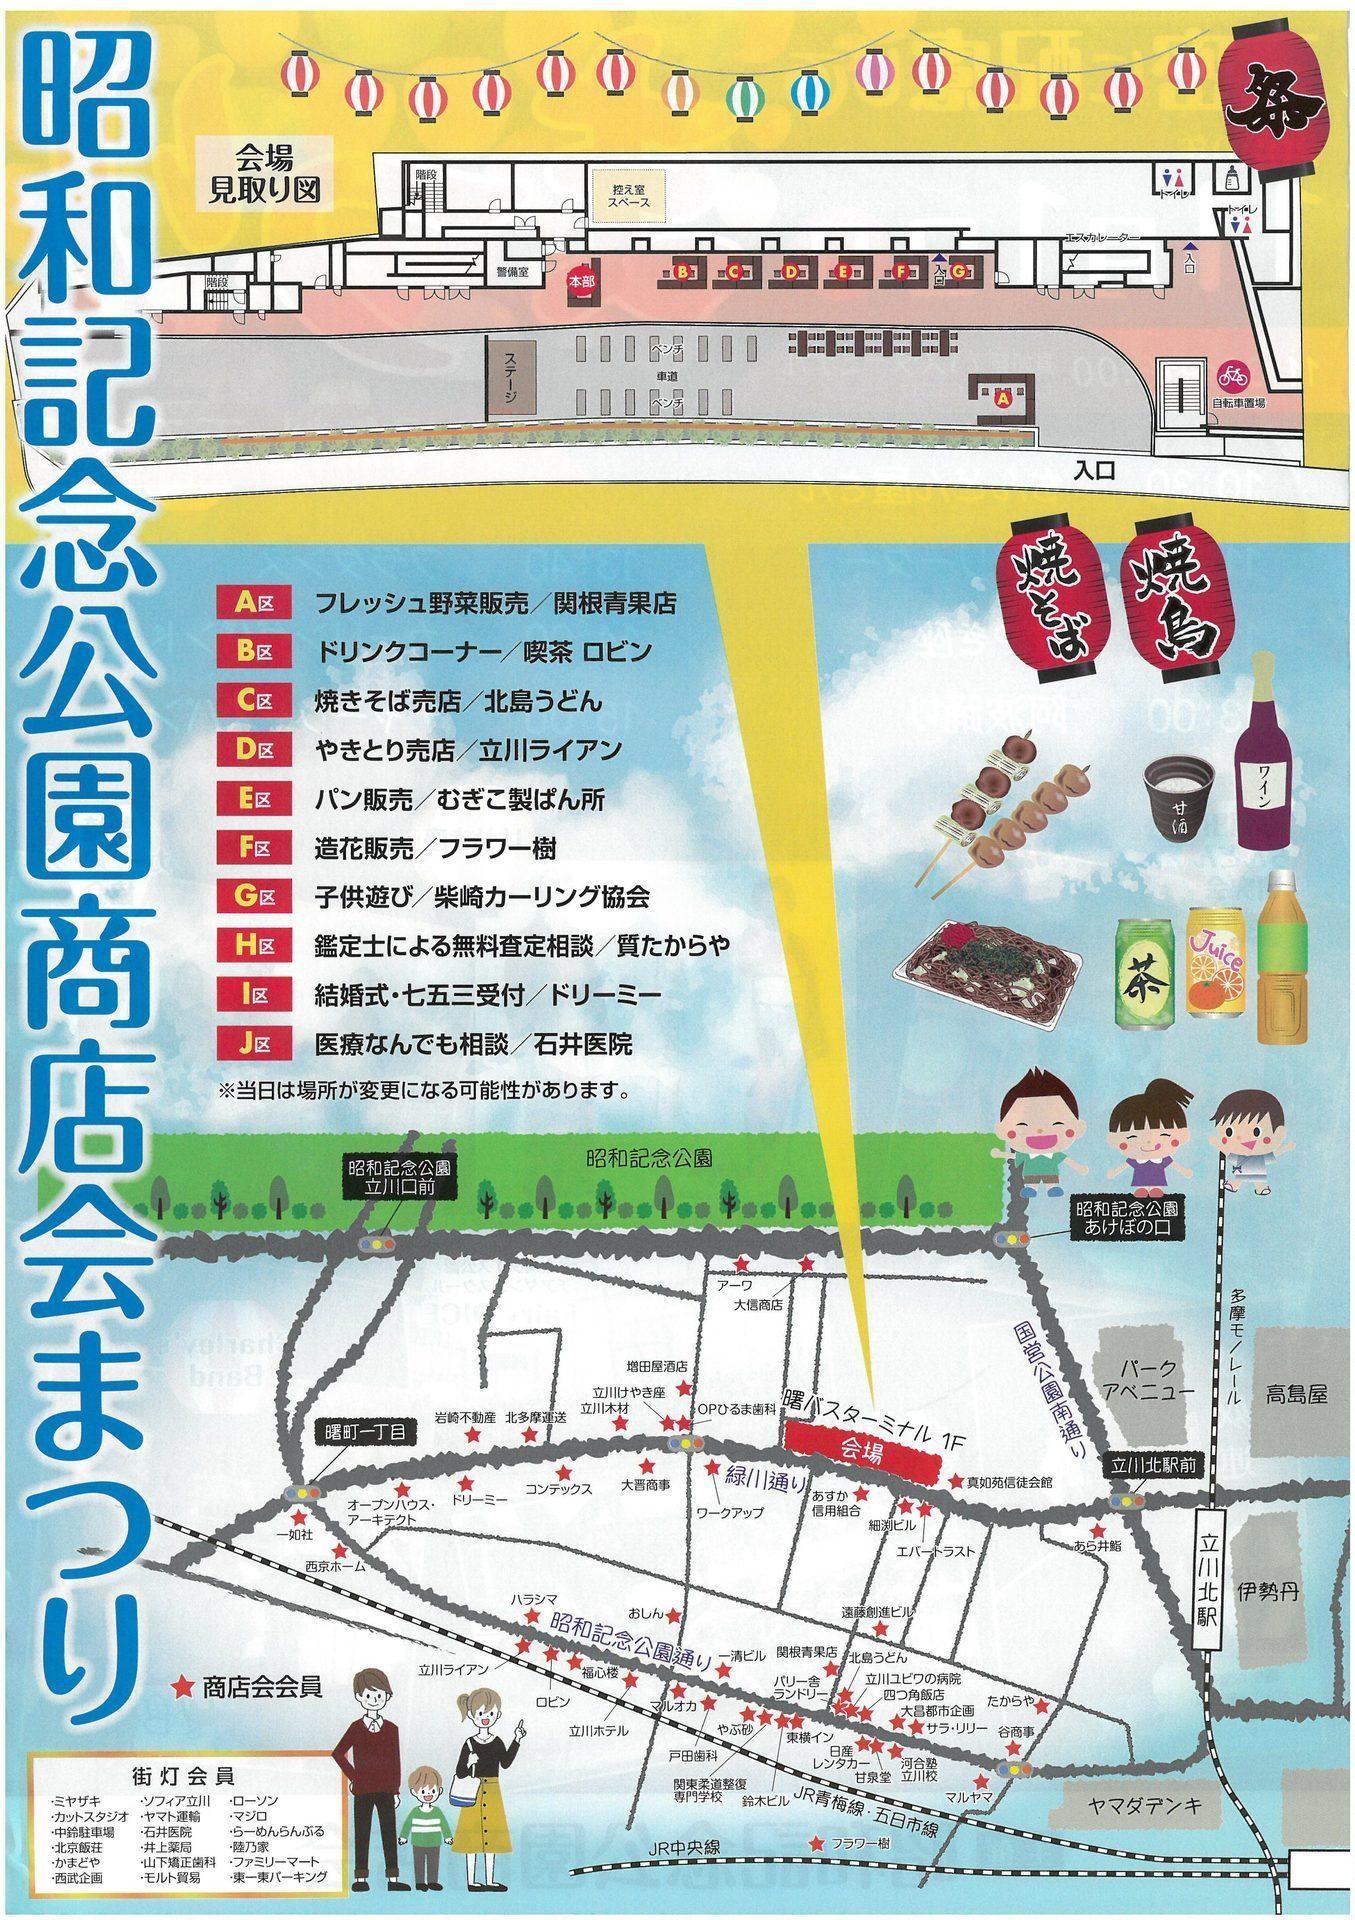 2020昭和記念公園商店会まつり会場マップ.jpg